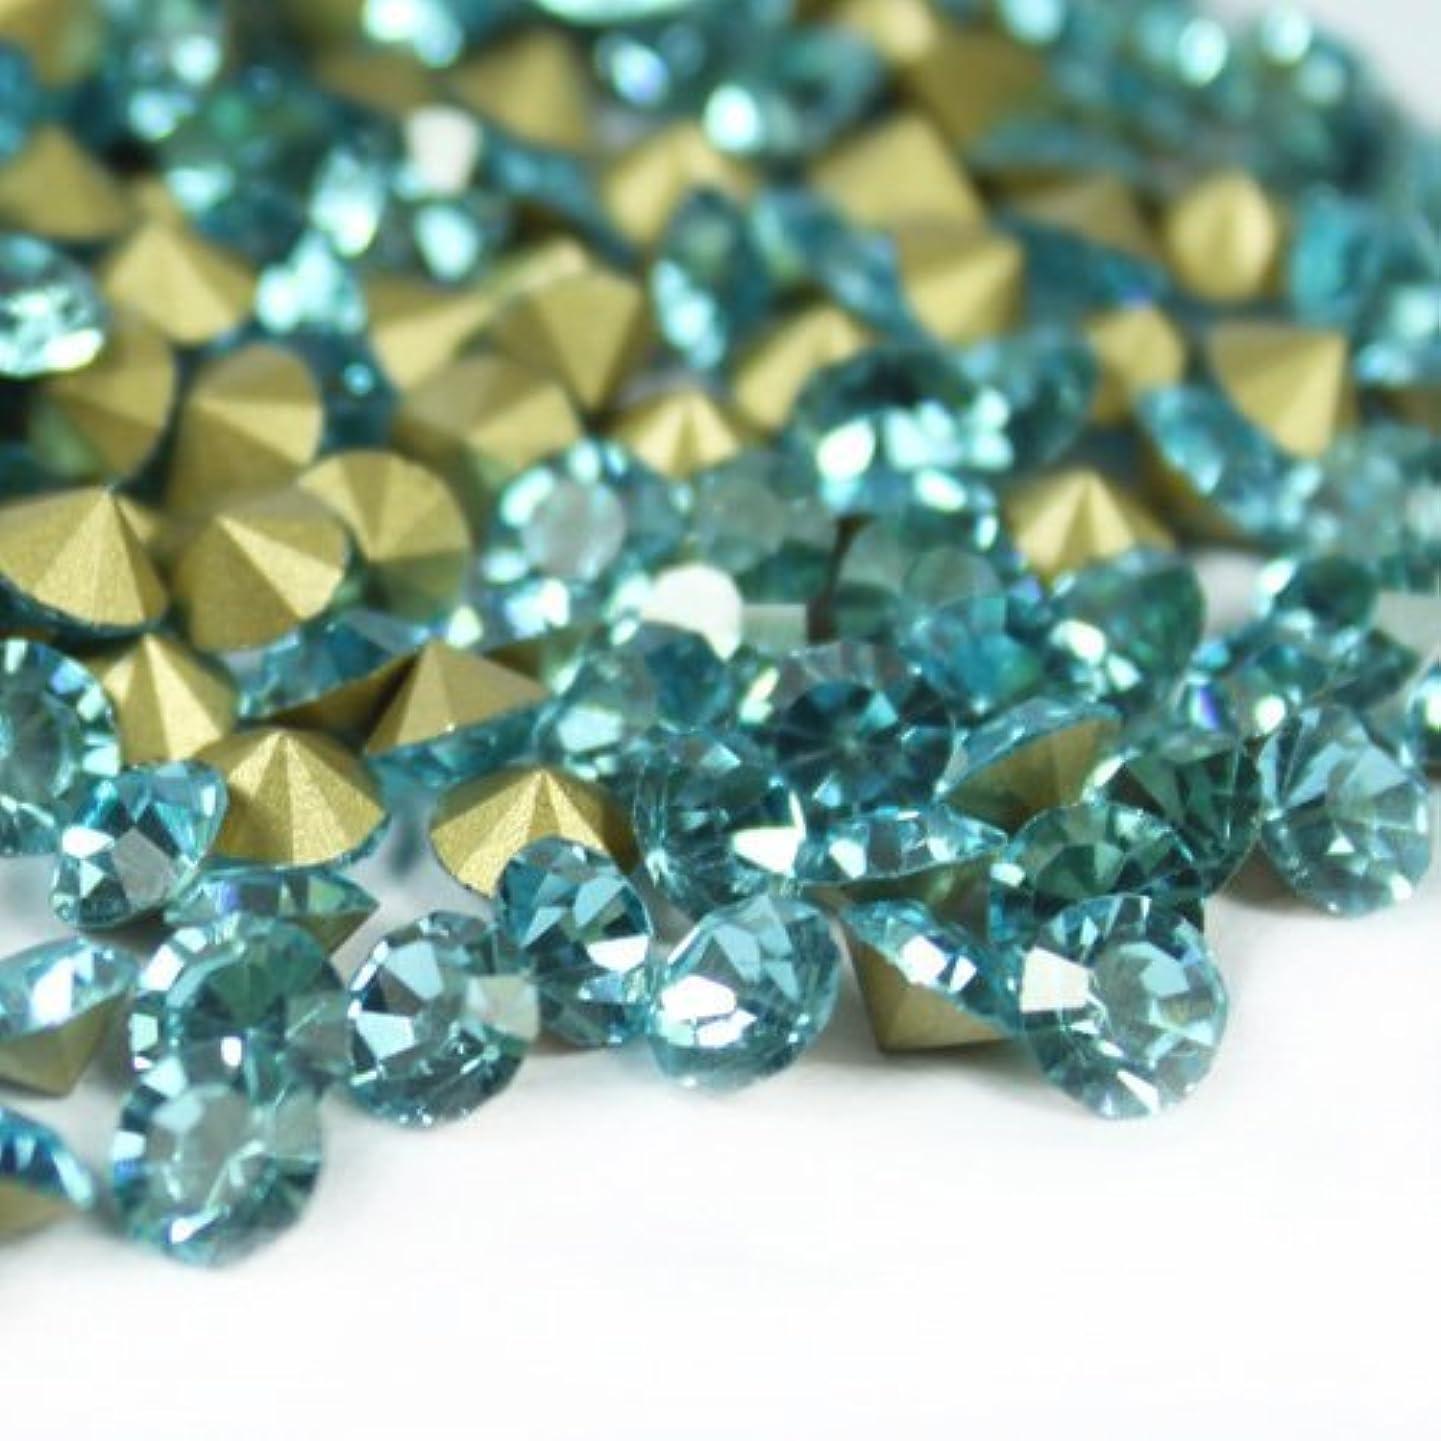 ダウンタウン徹底的に含むガラス製 Vカットストーン(埋込型)アクアマリン 各サイズ選択可能 (4.0mm (SS16) 約1440粒) [並行輸入品]